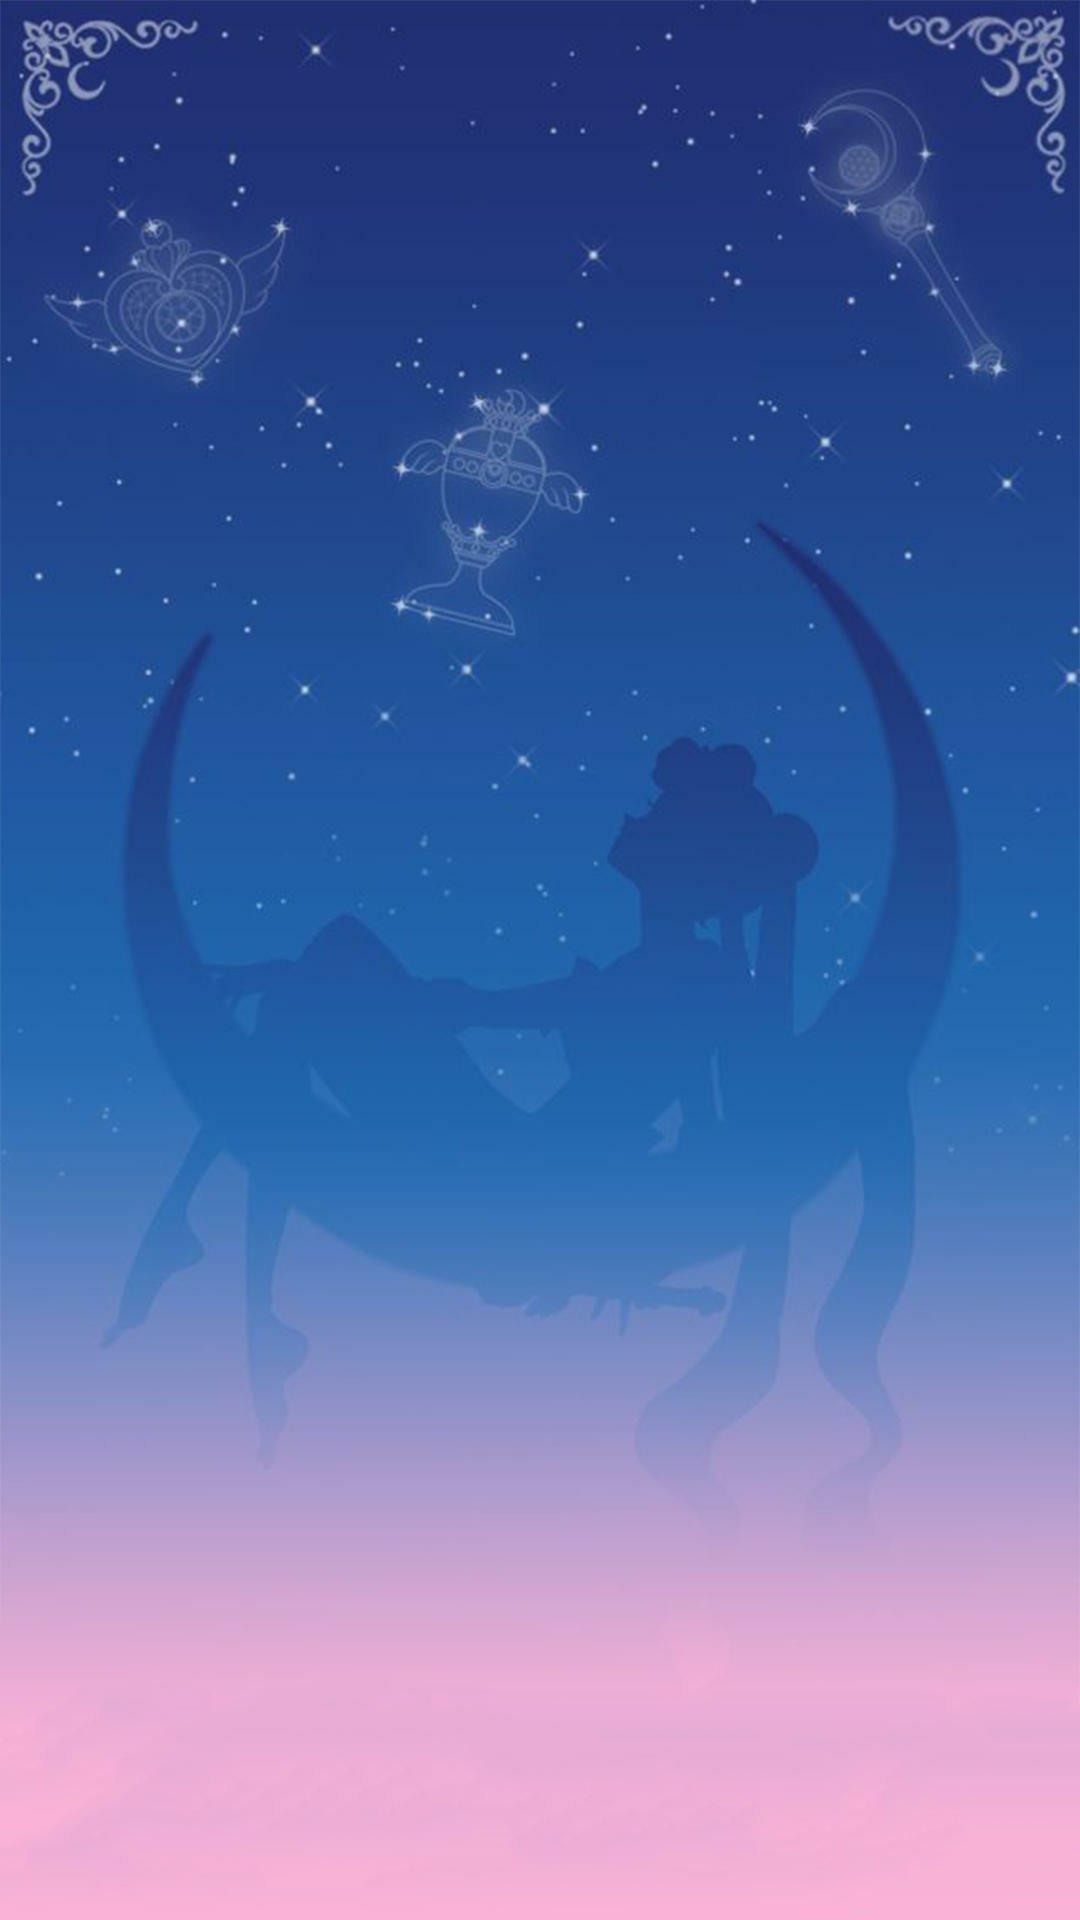 美少女战士 星空魔幻动漫卡通无水印手机壁纸